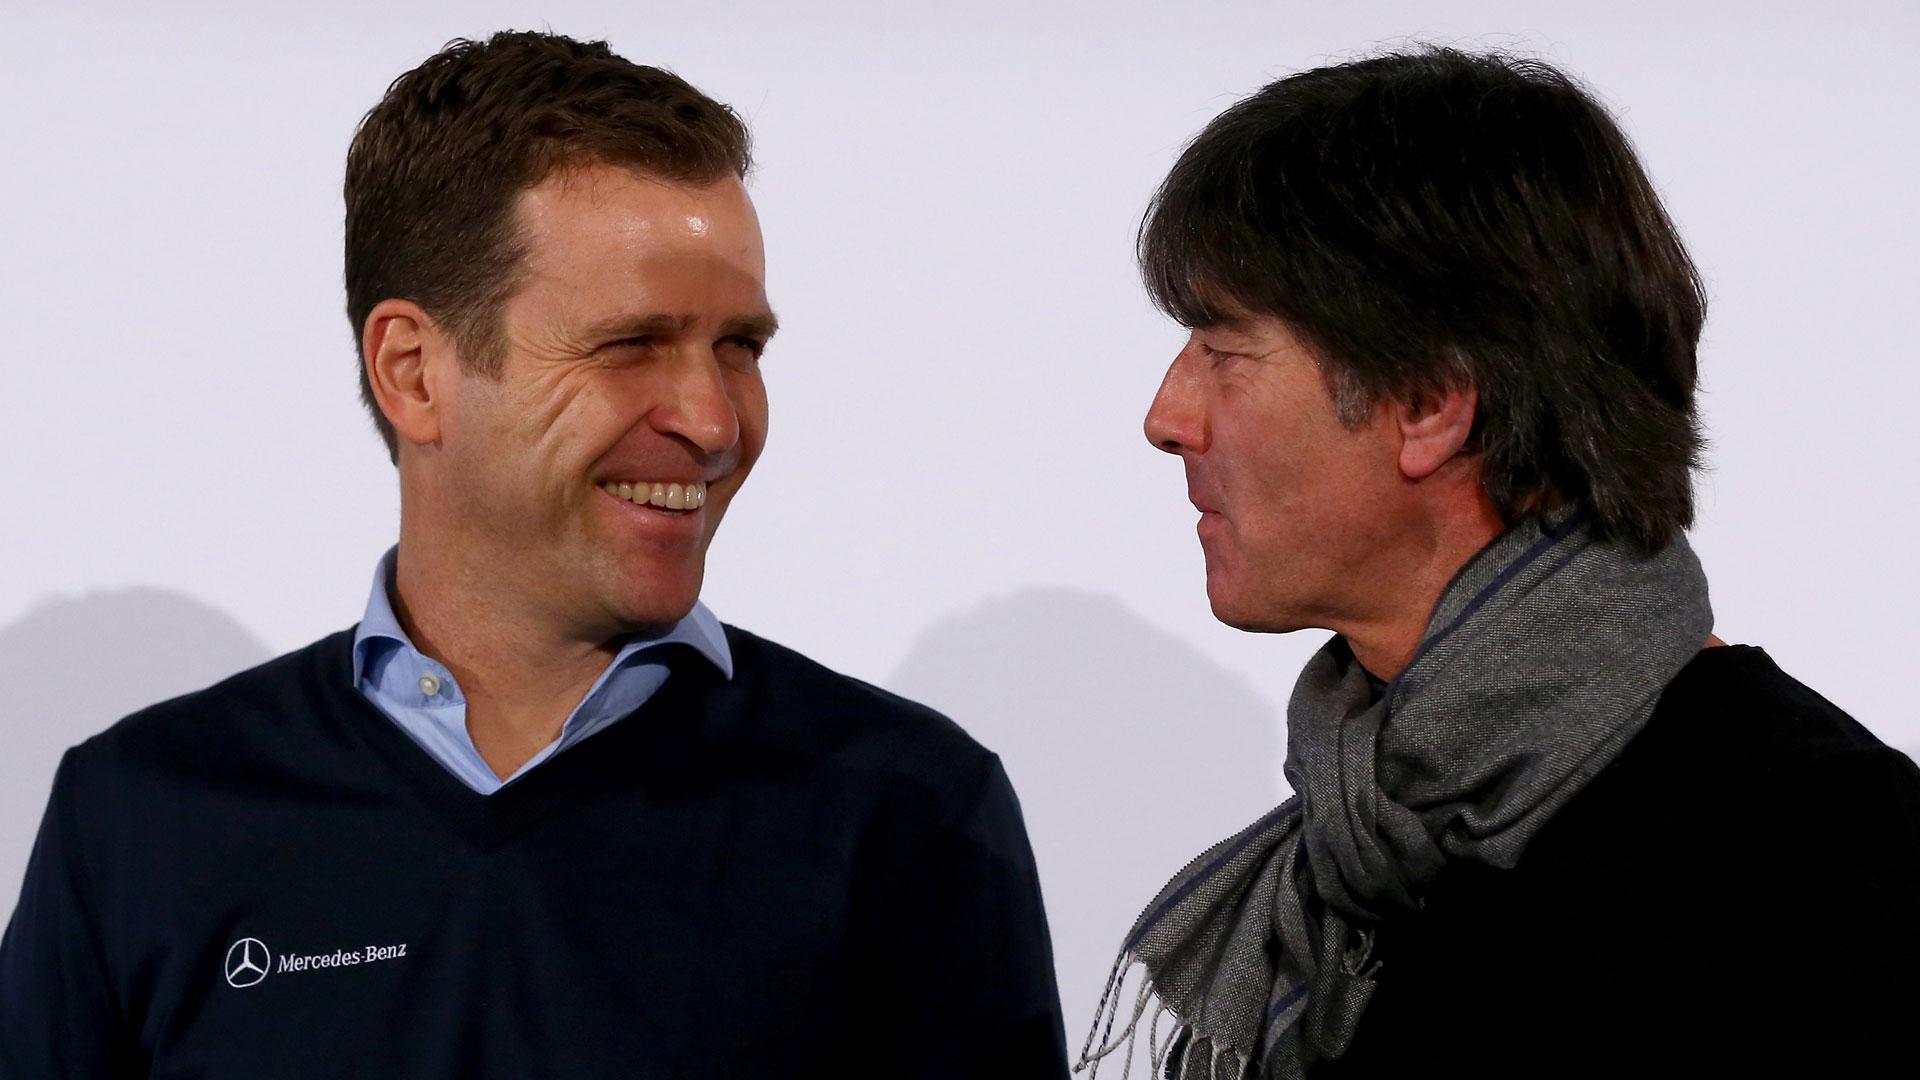 Joachim Löw ruft härtesten Konkurrenzkampf aller Zeiten aus